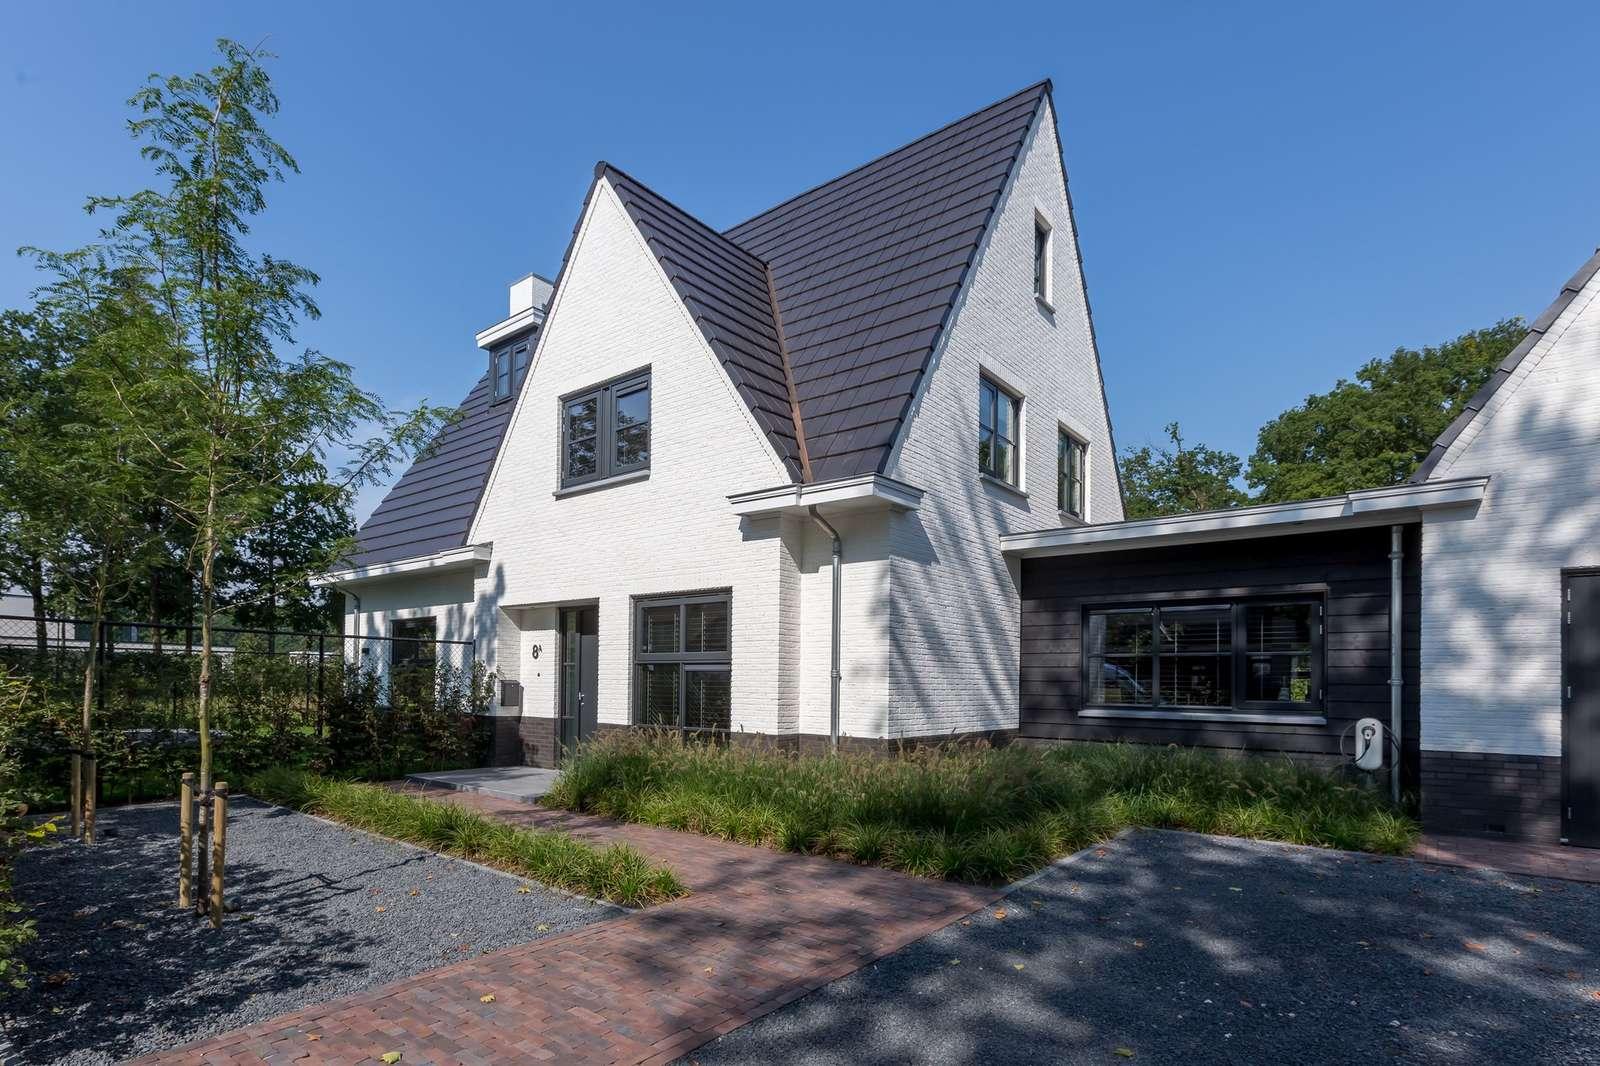 Koepelweg 8a, villa Vught